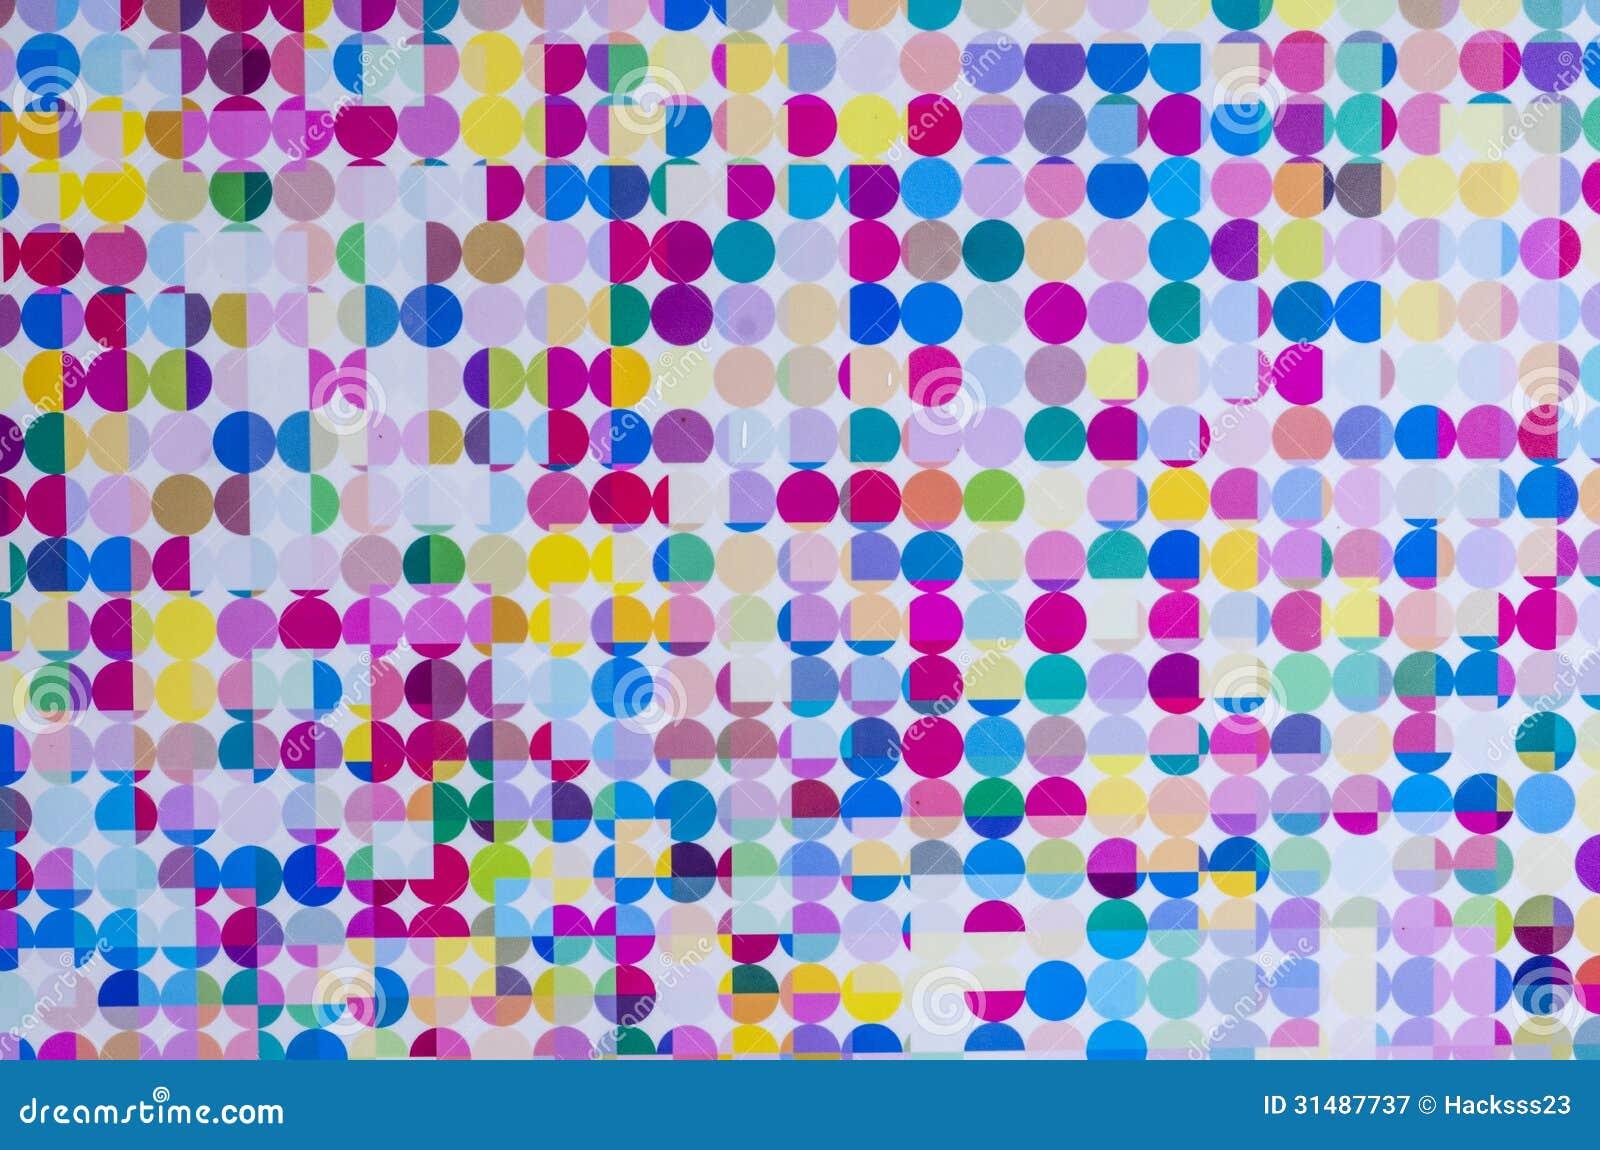 Esporte Tileable Papel De Parede Colorido: Papel De Parede Colorido Ilustração Stock. Ilustração De